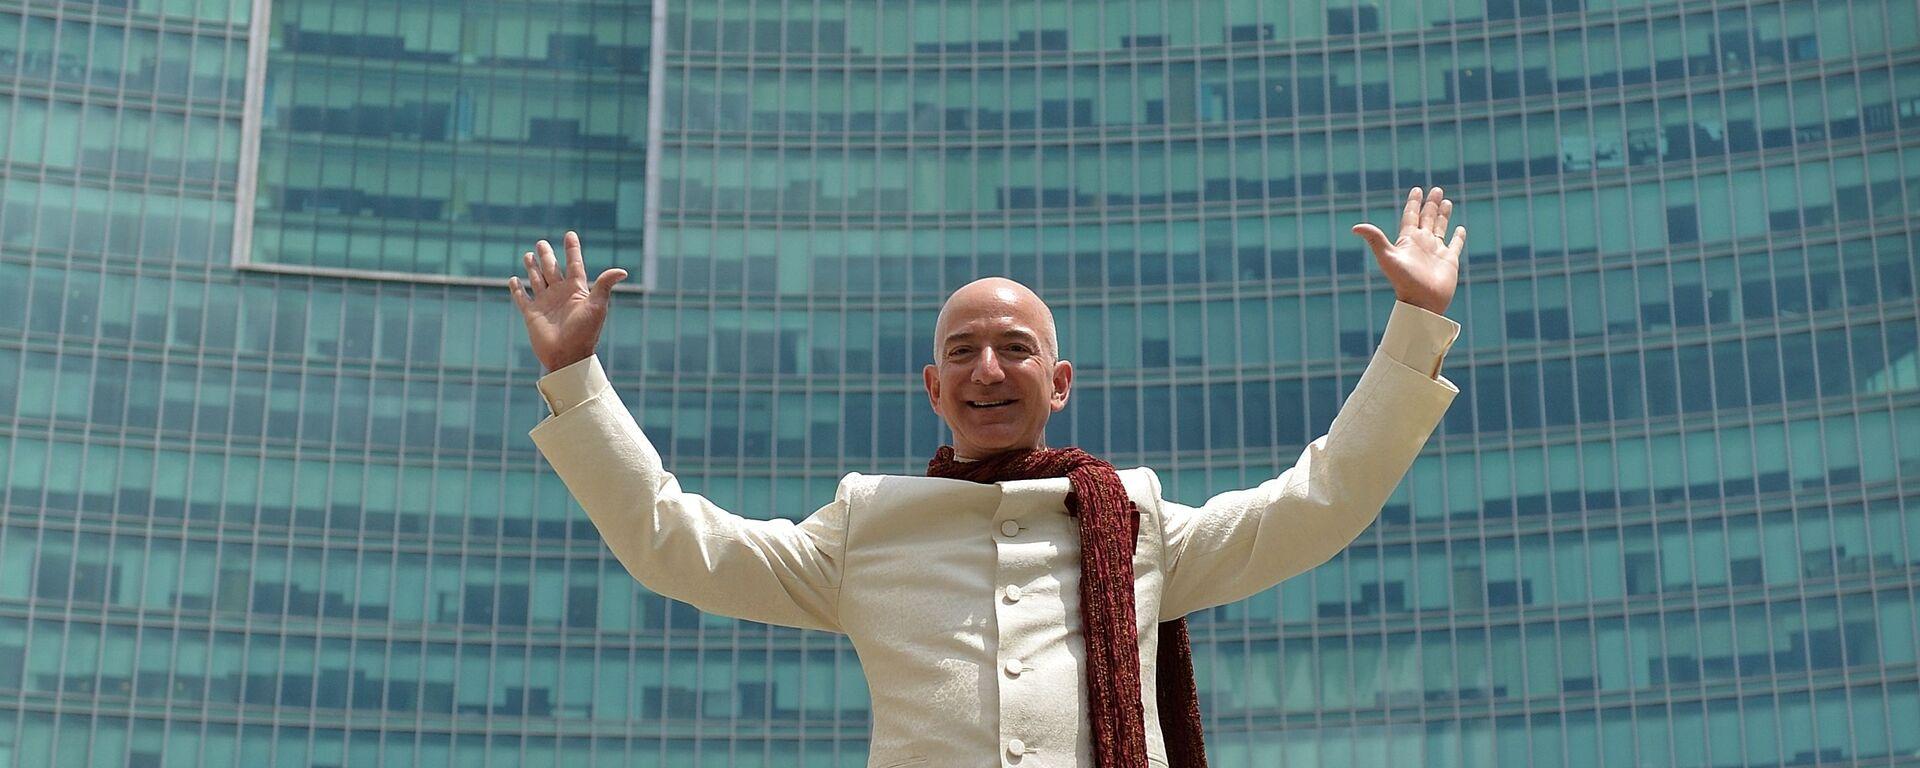 Glava i osnovatelь internet-kompanii Amazon.com Džeff Bezos - Sputnik Srbija, 1920, 22.07.2021